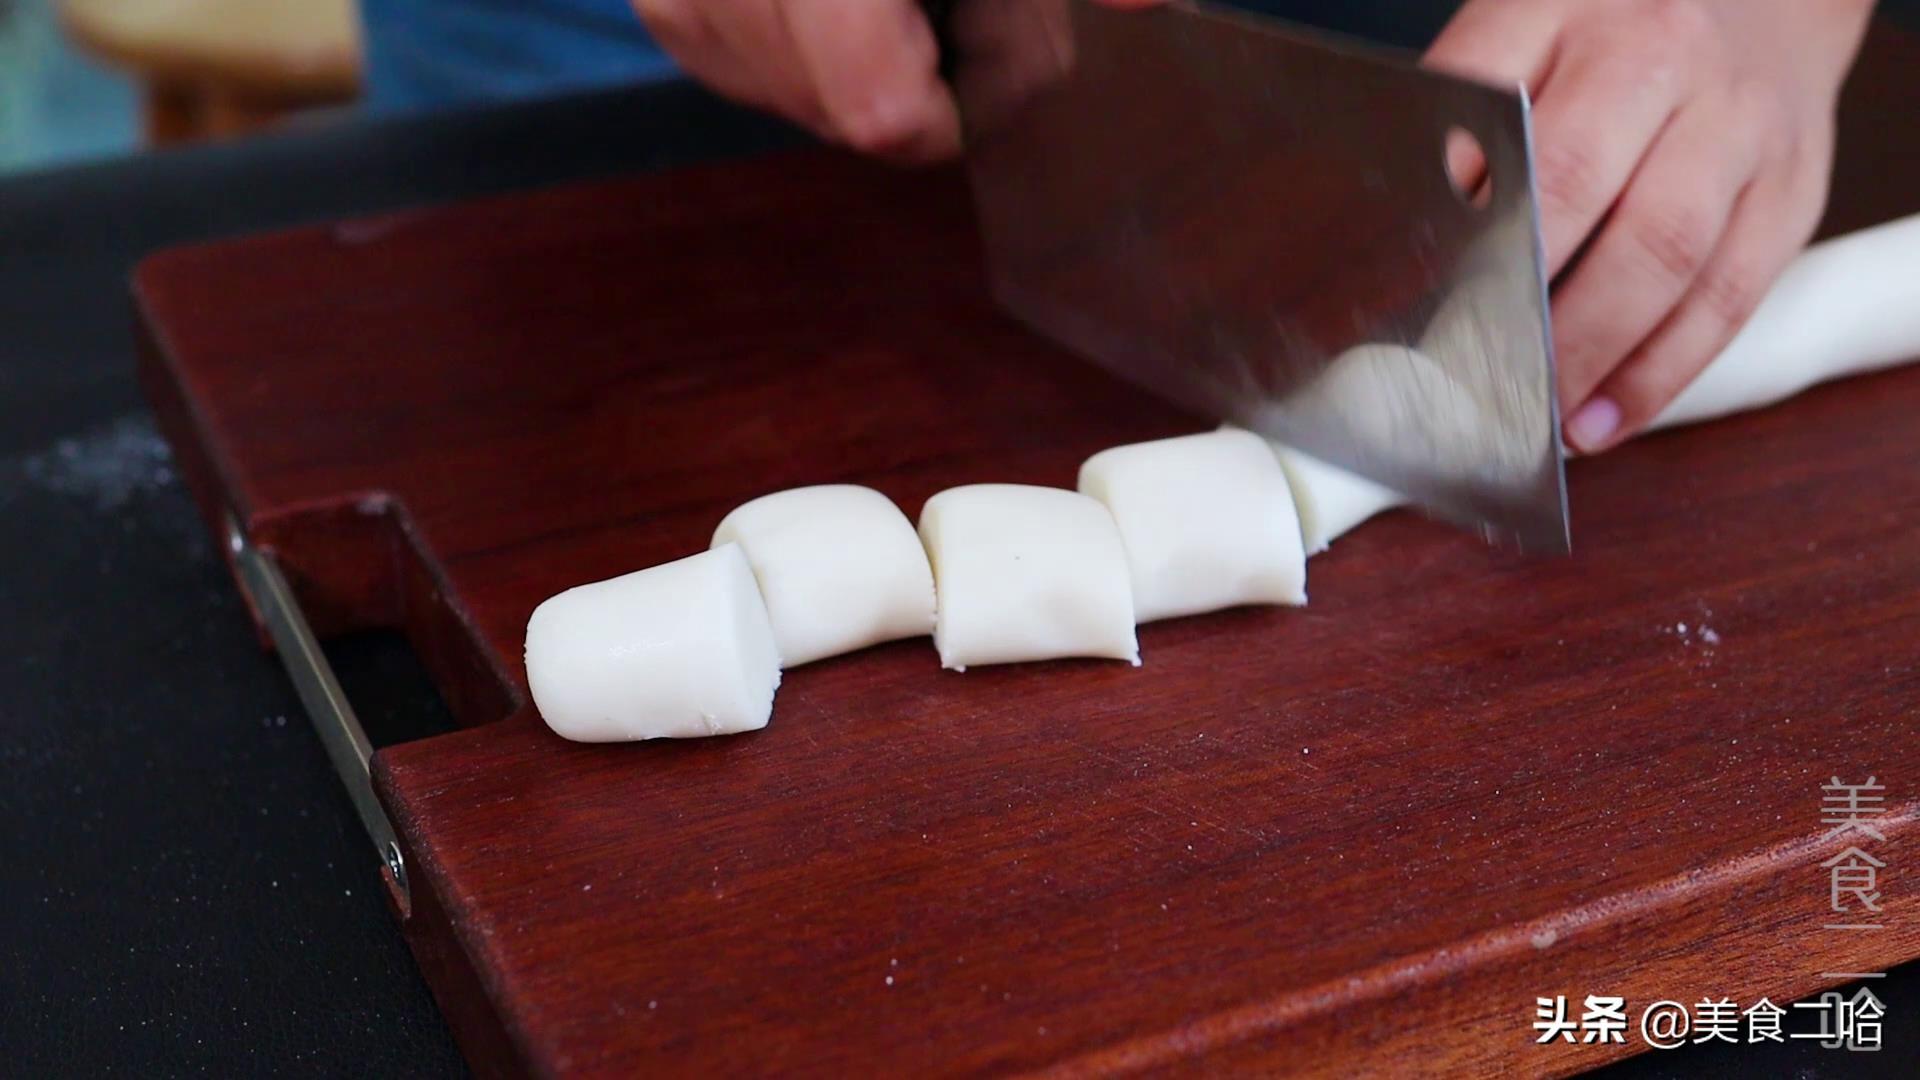 糯米白糖卷:既有糯米的嚼劲,又有白糖的清甜,好吃又过瘾 美食做法 第6张